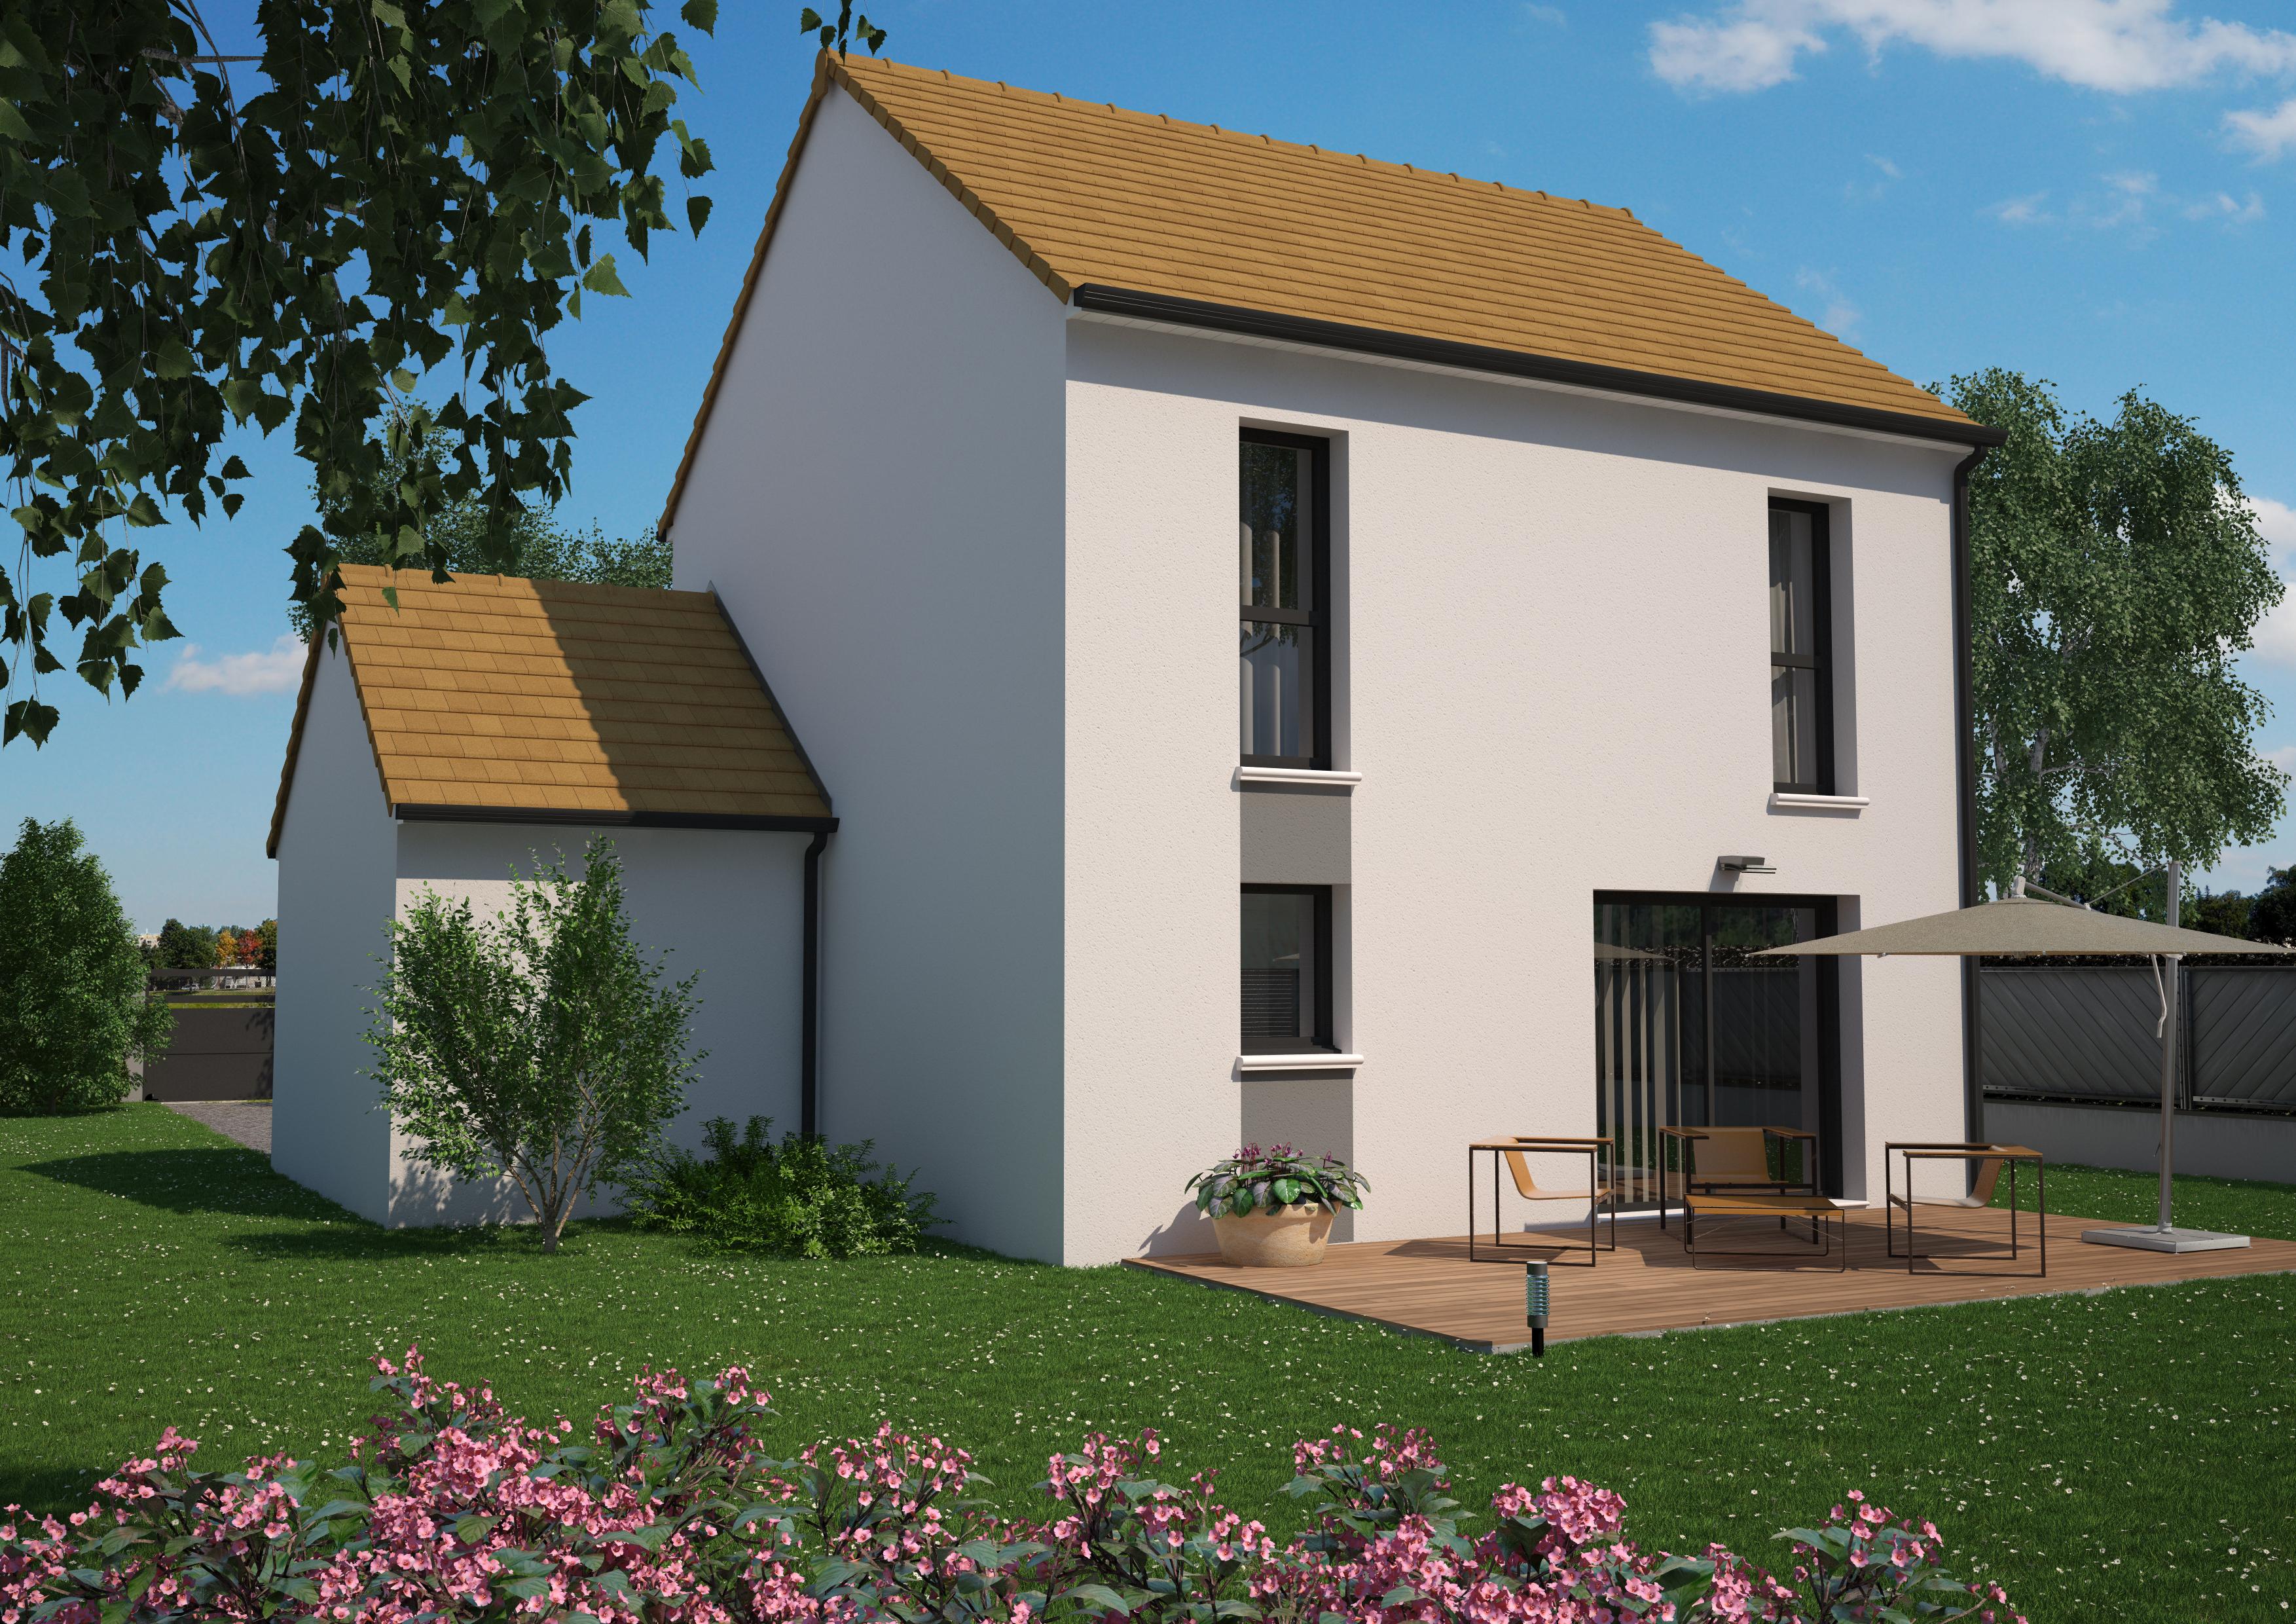 Maison à vendre à Saint-Ay